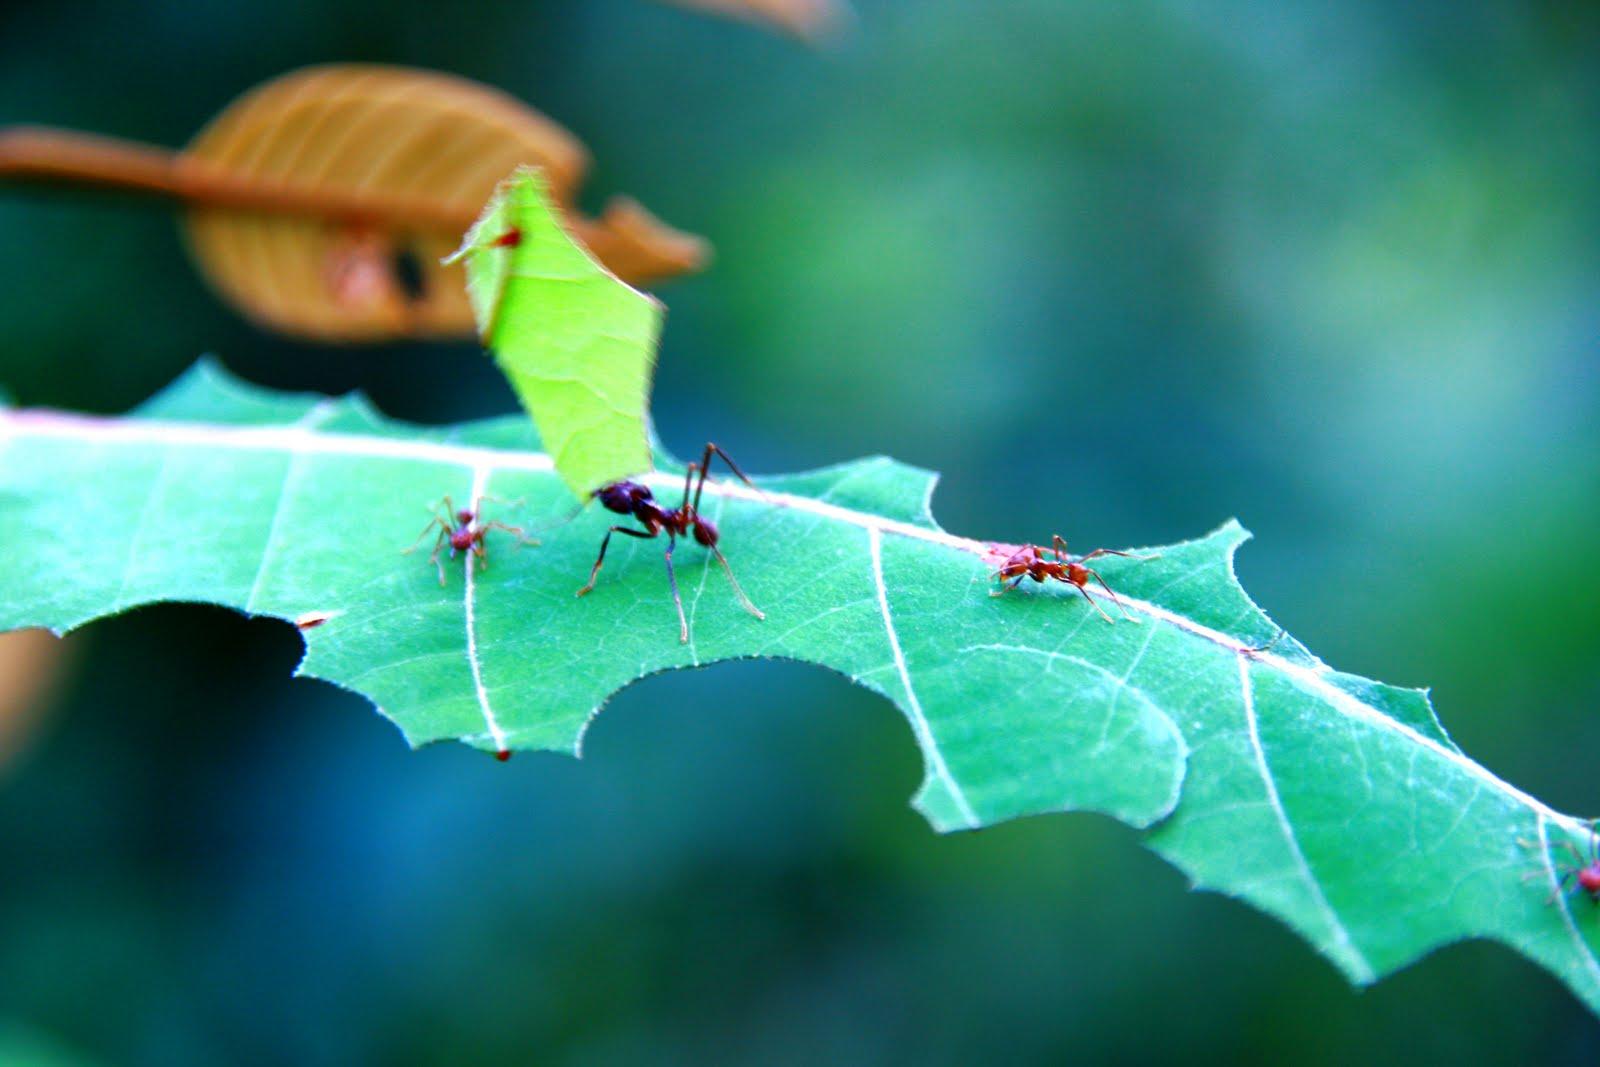 Jardiner a org nica insecticidas caseros y org nicos para for Hojas ornamentales